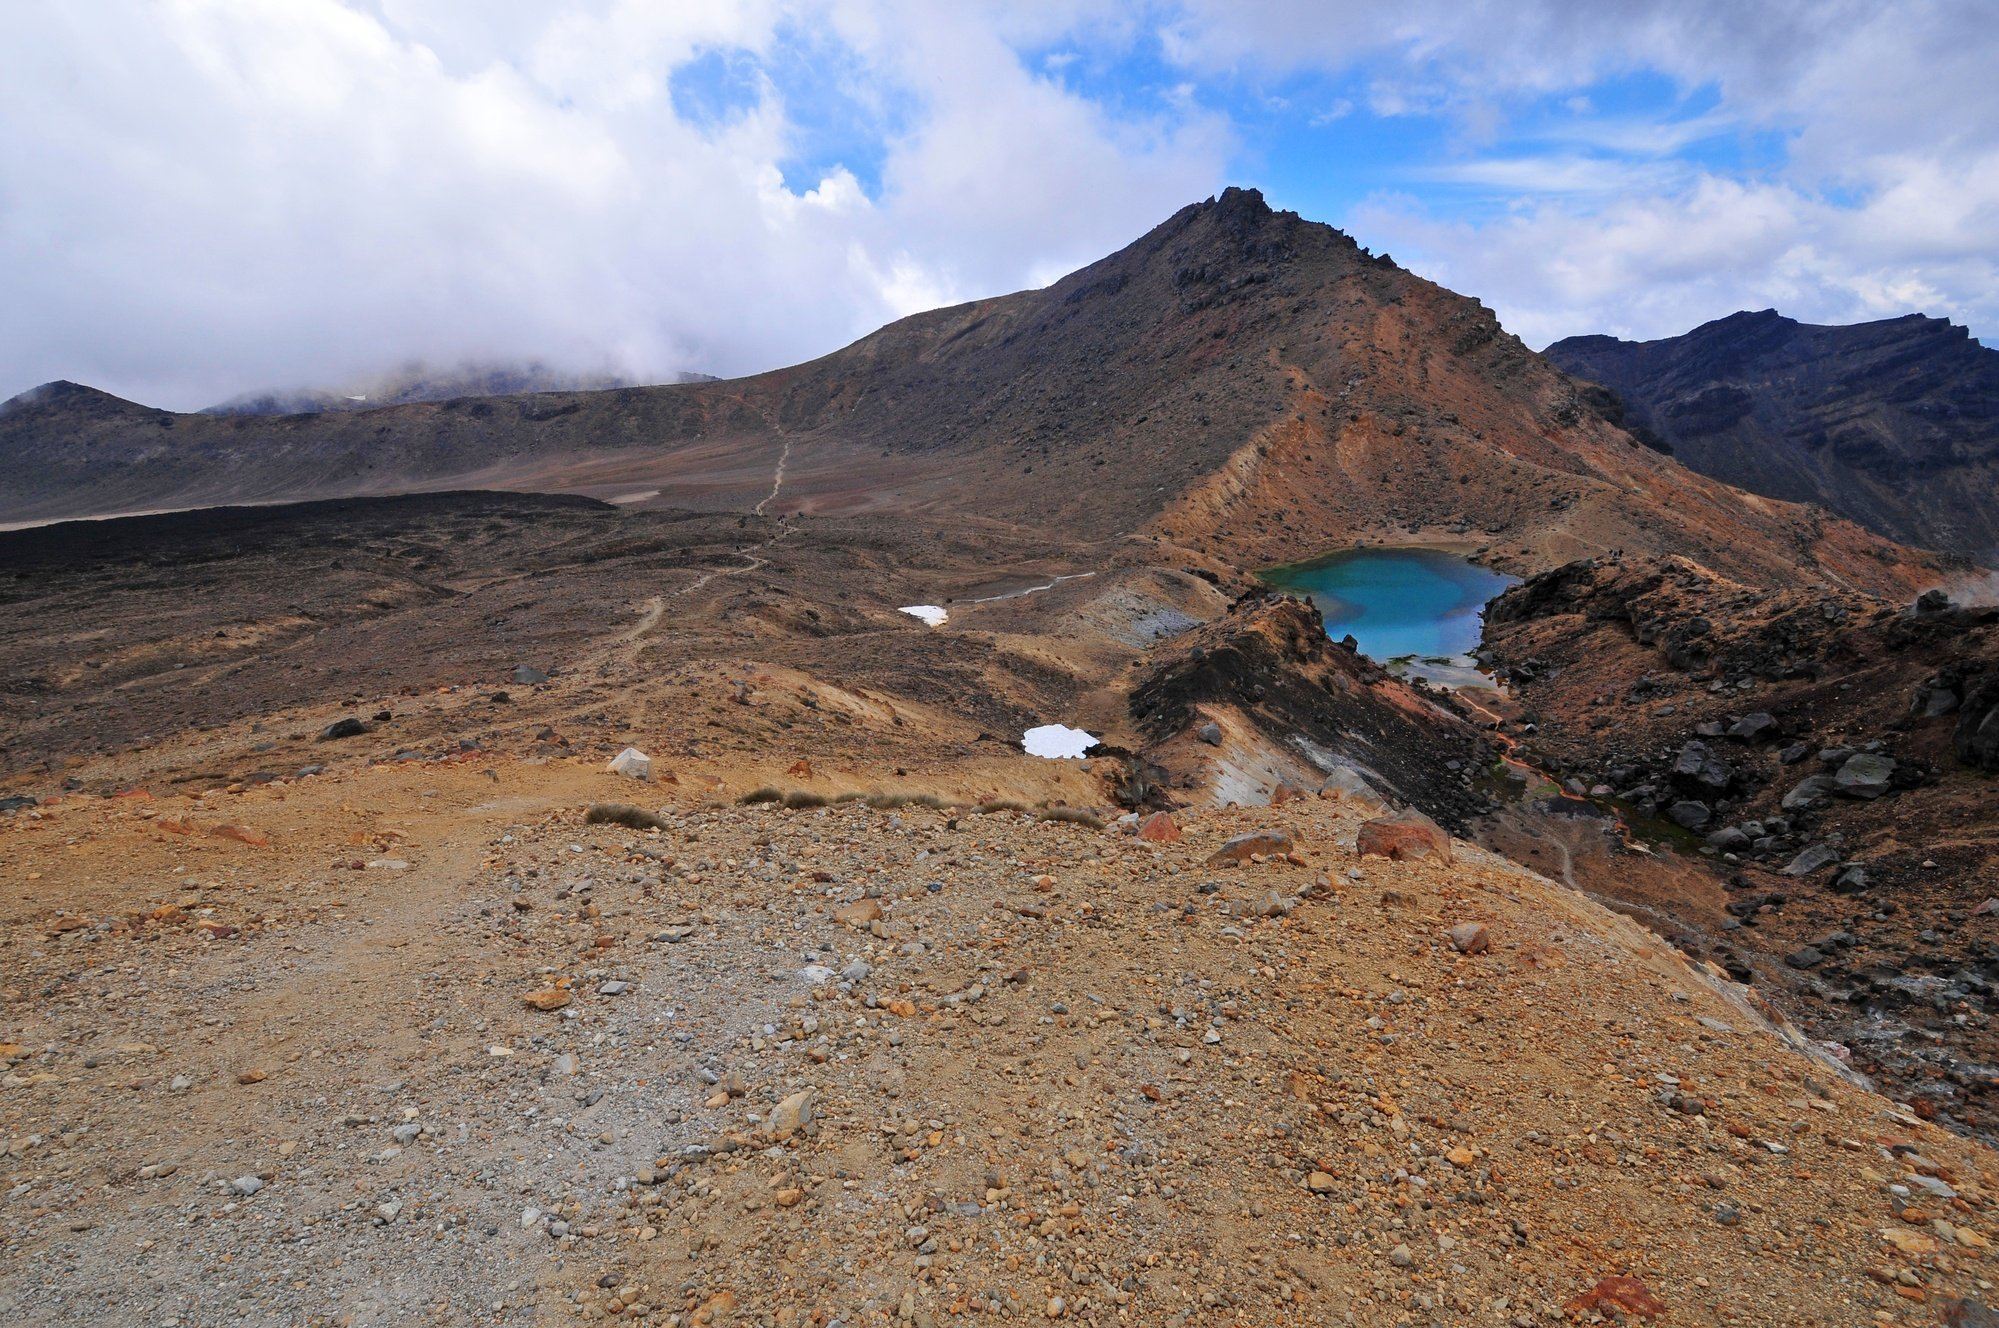 Volcanic terrain in Tongariro National Park, New Zealand